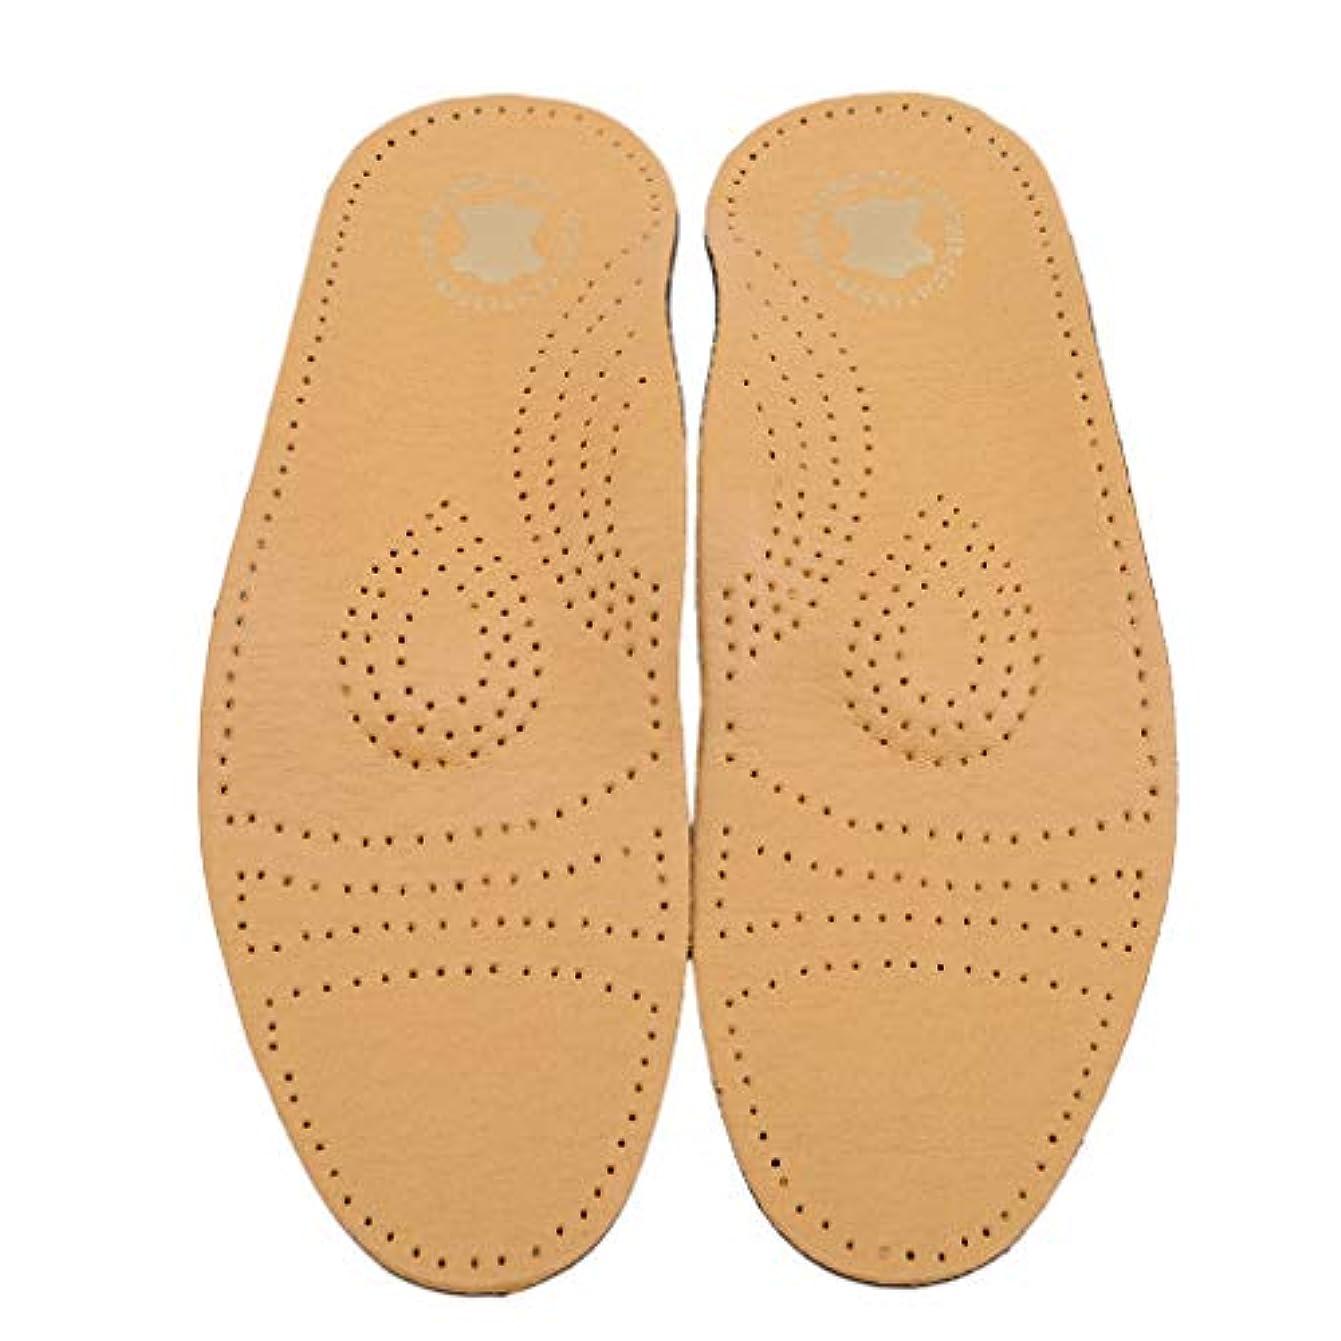 対抗モロニック定常Cngstar 活性炭模造レザーアーチフルパッド イミテーションレザーインソール 靴アクセサリー (サイズ1)